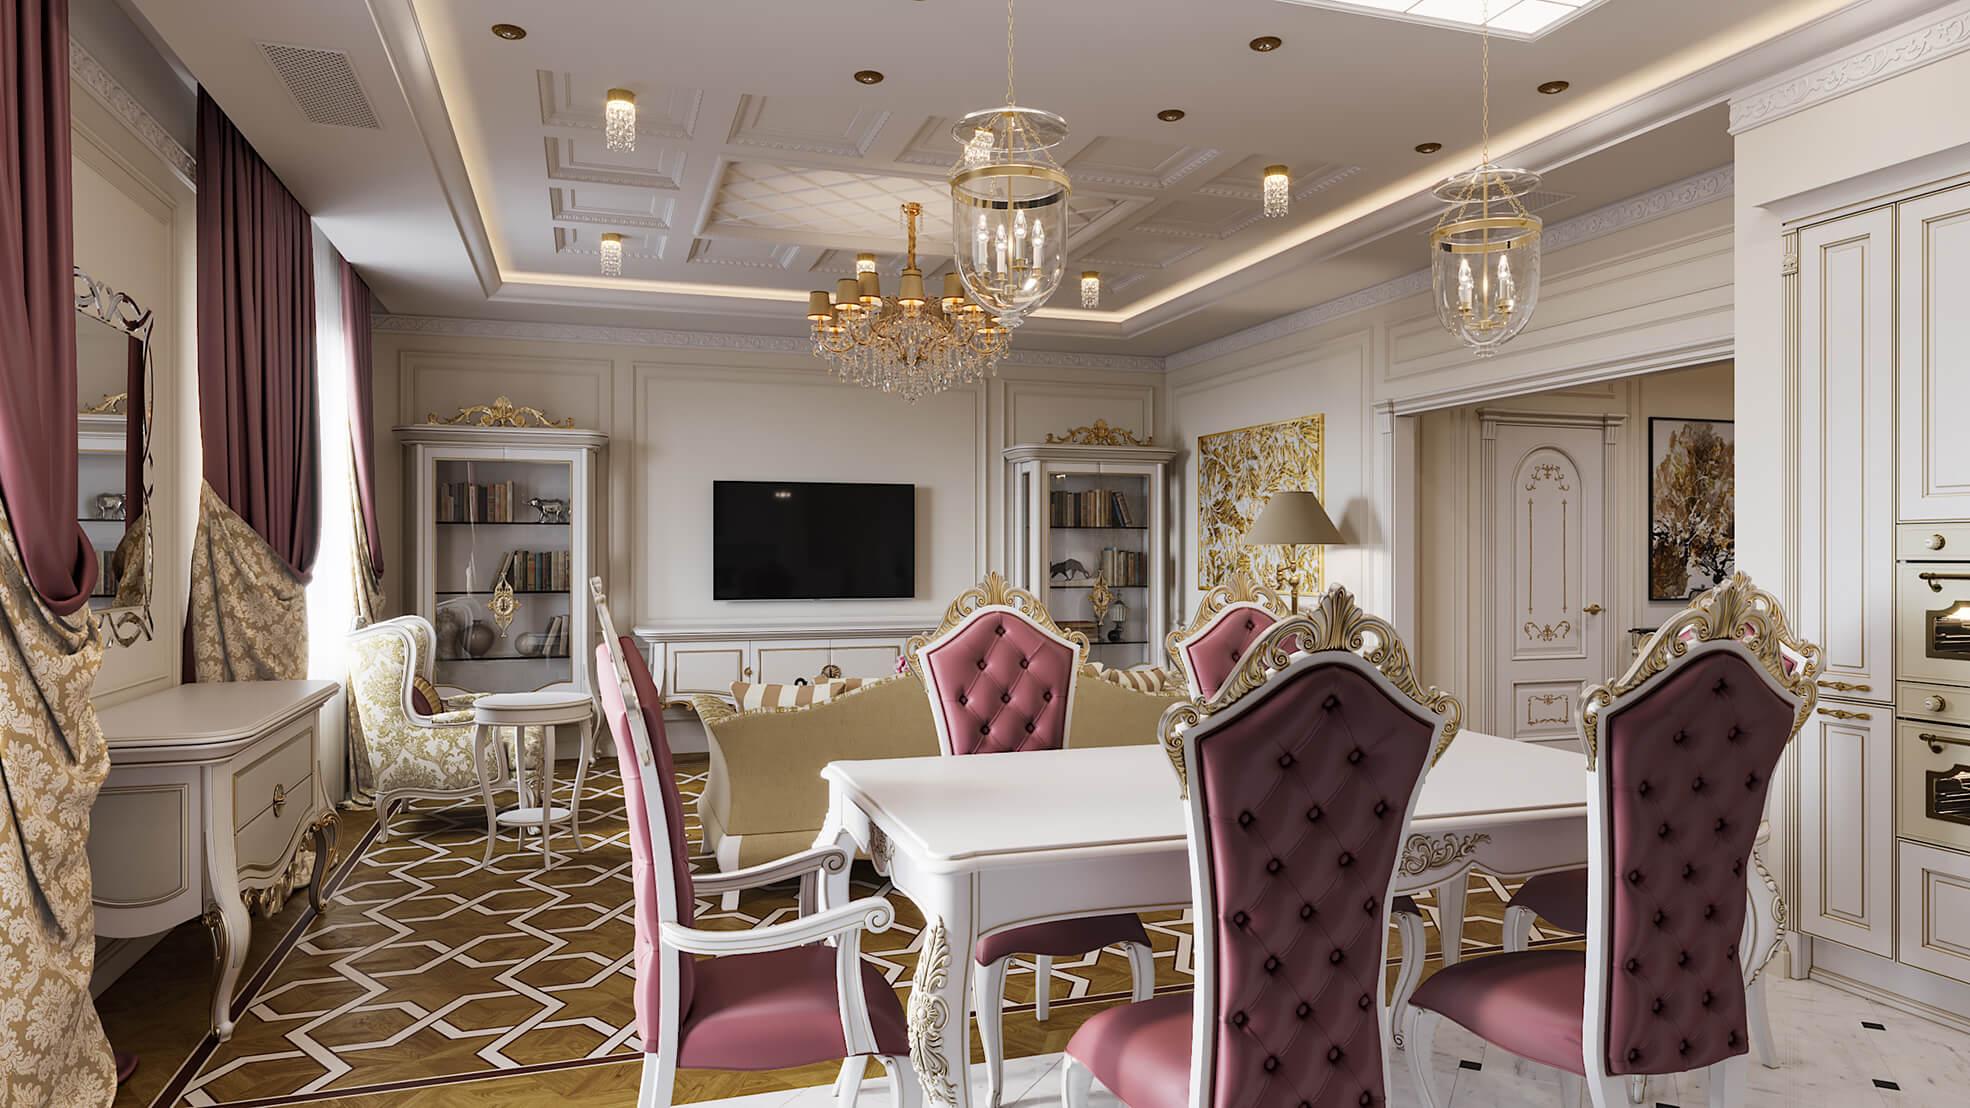 phong cách thiết kế nội thất nhà chung cư đẹp nhất hiện nay 25